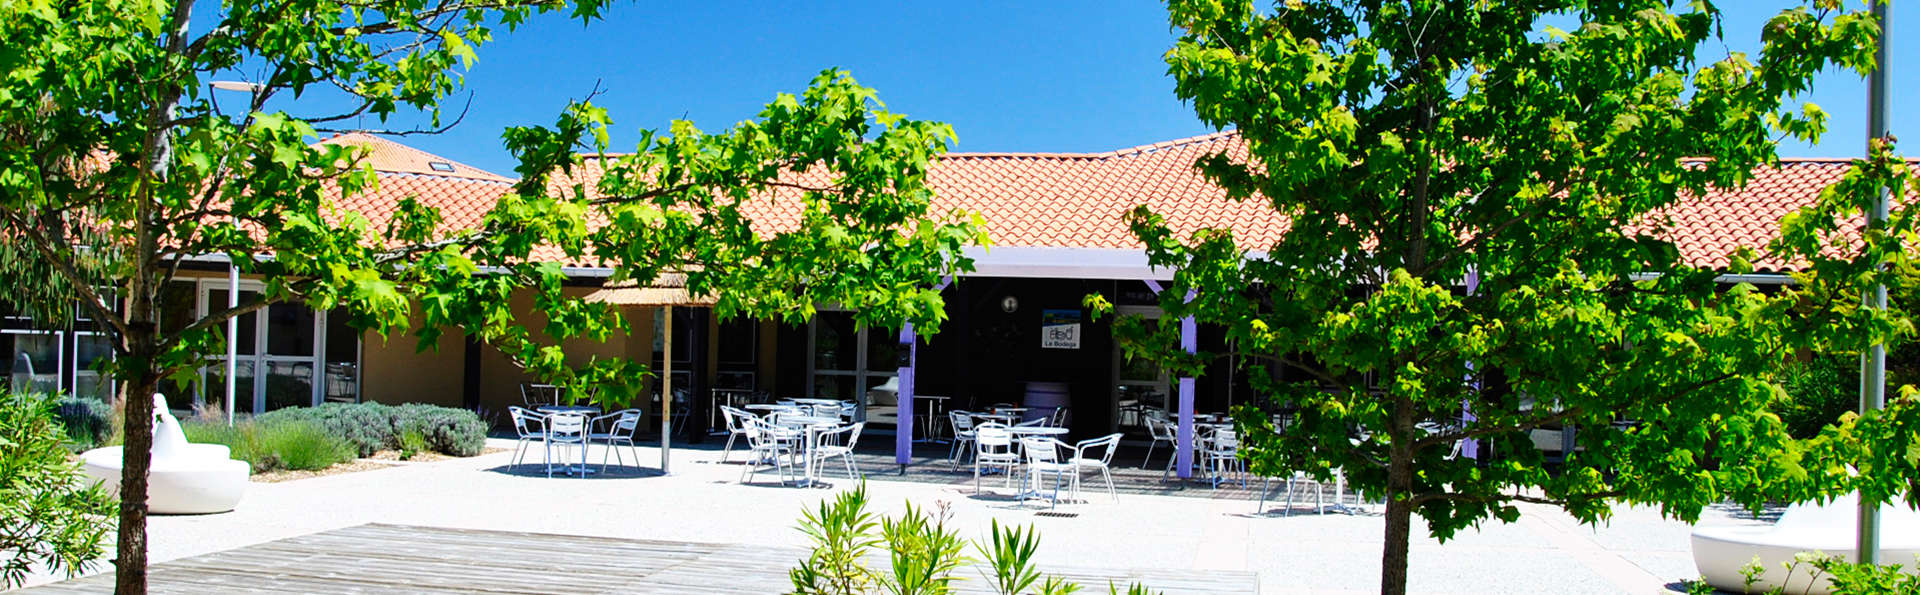 Village-Vacances le Junka - EDIT_front33.jpg